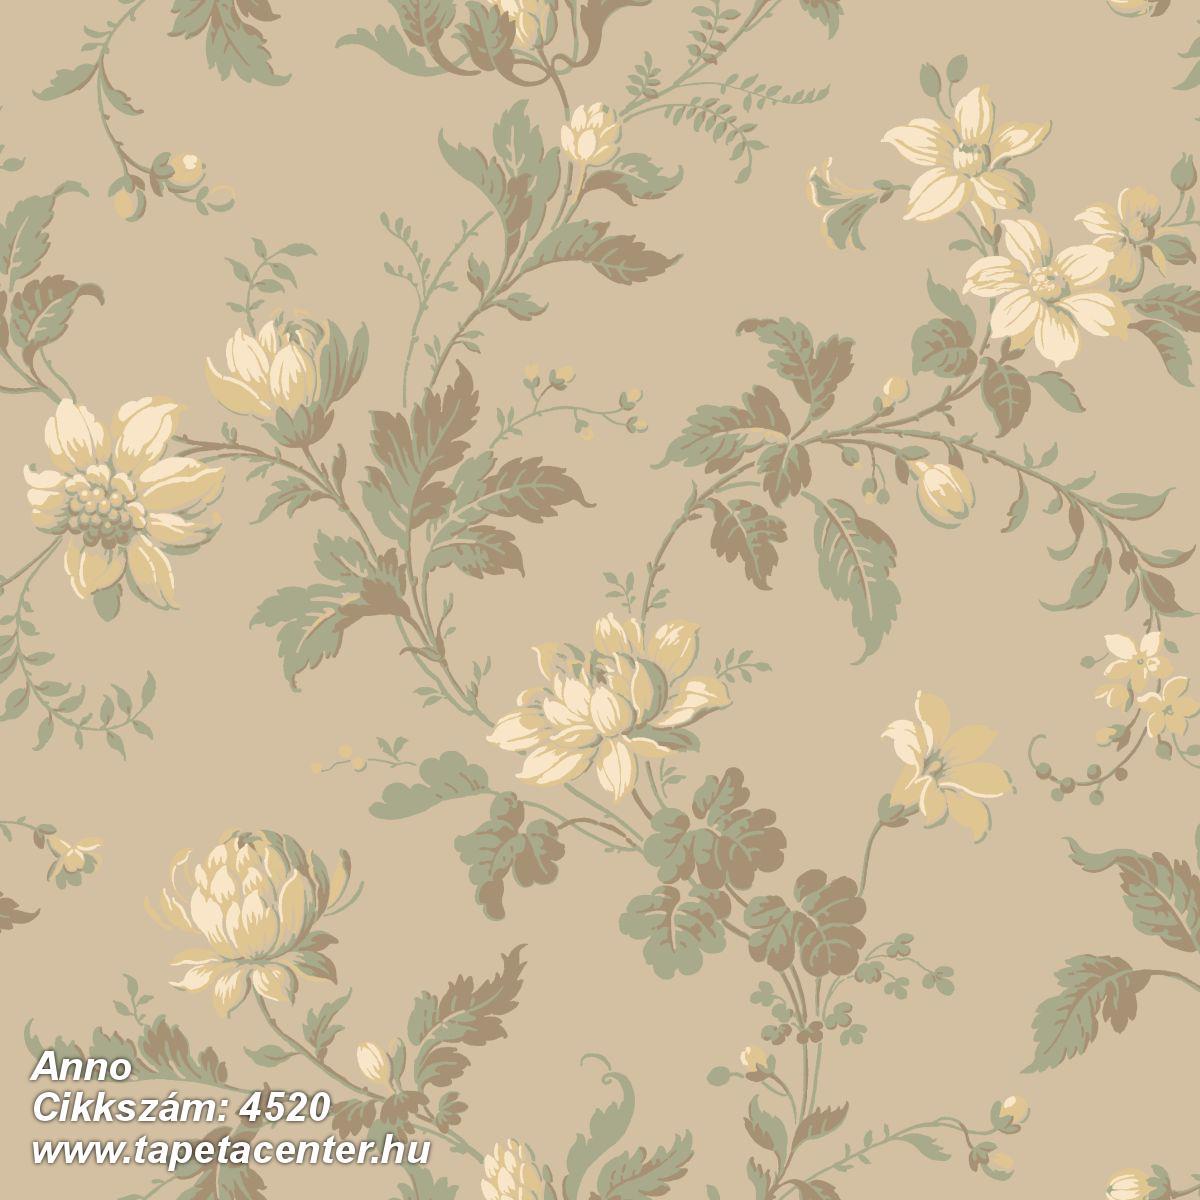 Természeti mintás,virágmintás,barna,bézs-drapp,szürke,vajszín,zöld,lemosható,vlies tapéta